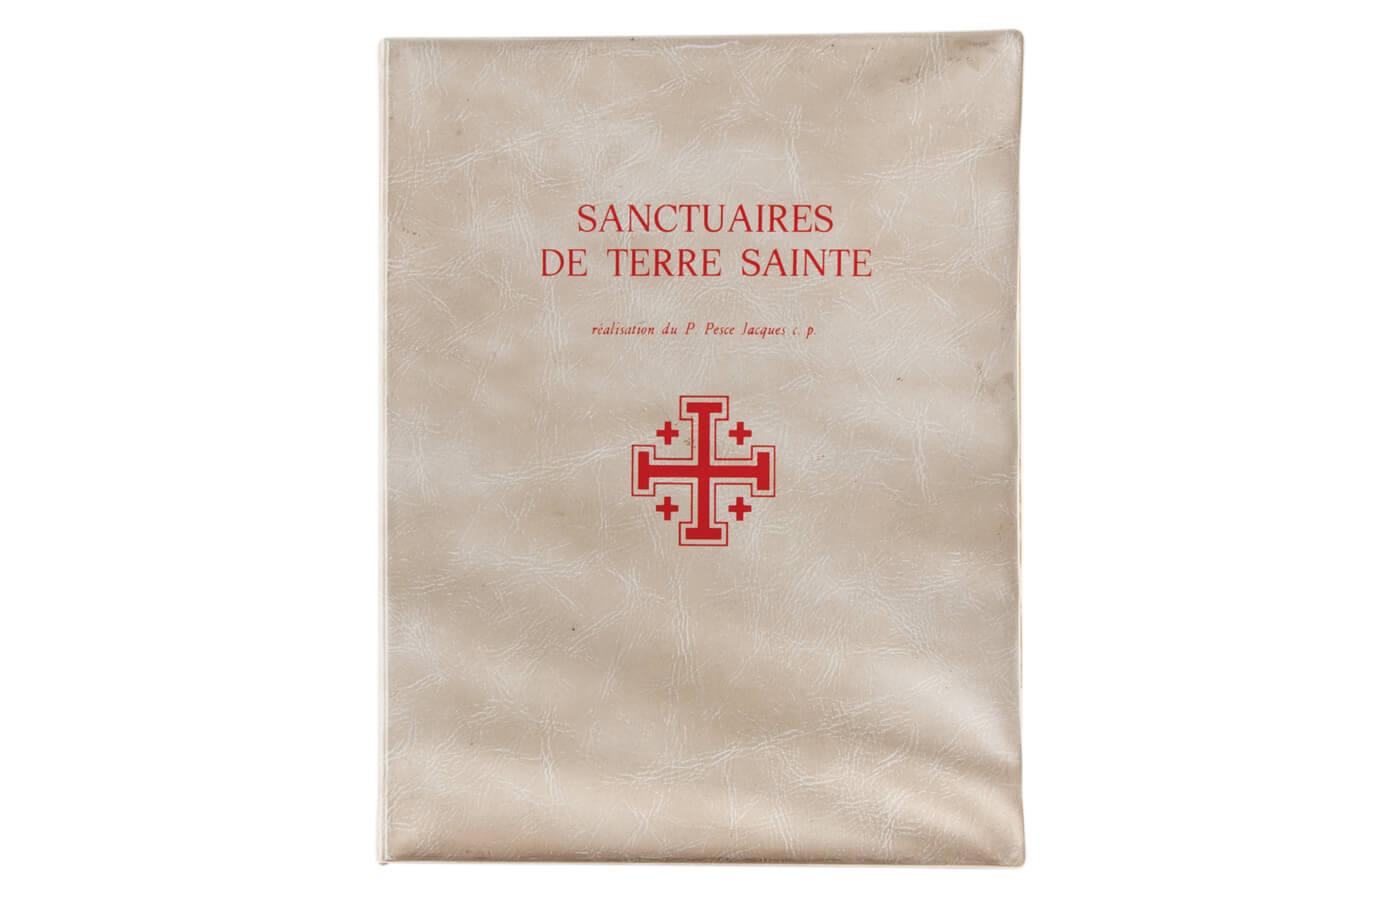 Sanctuaires de Terre Sainte